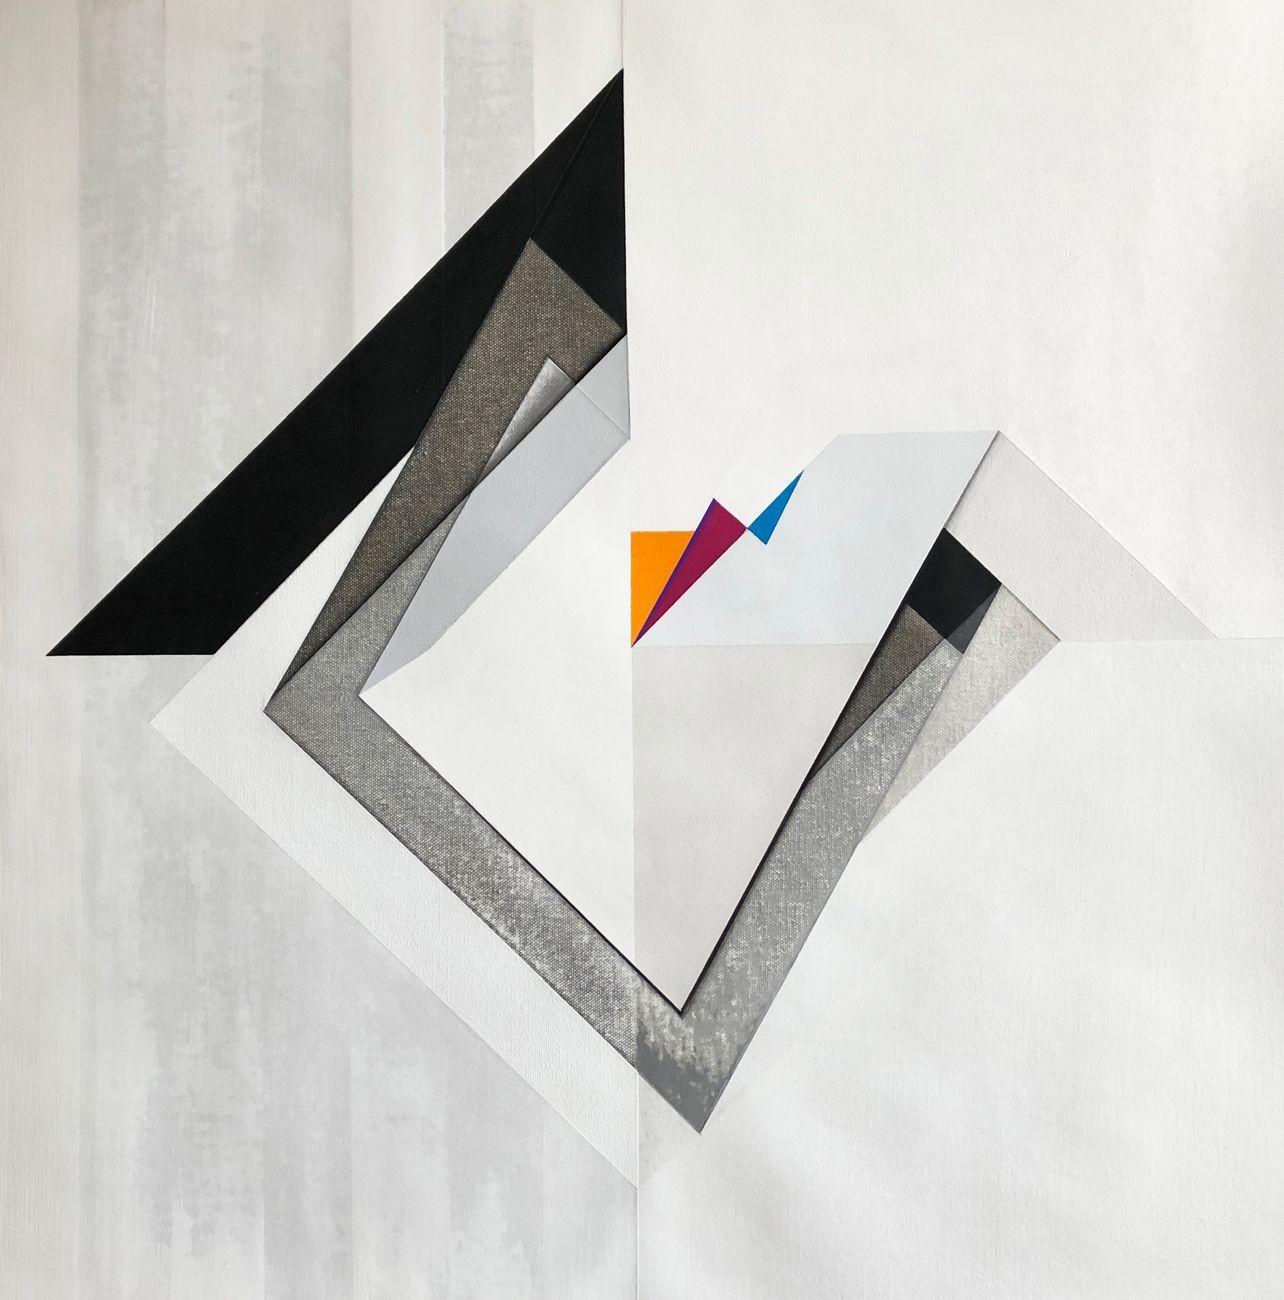 Mauro Castellani, Senza titolo, 2019, acrilico su tela, 60x60 cm